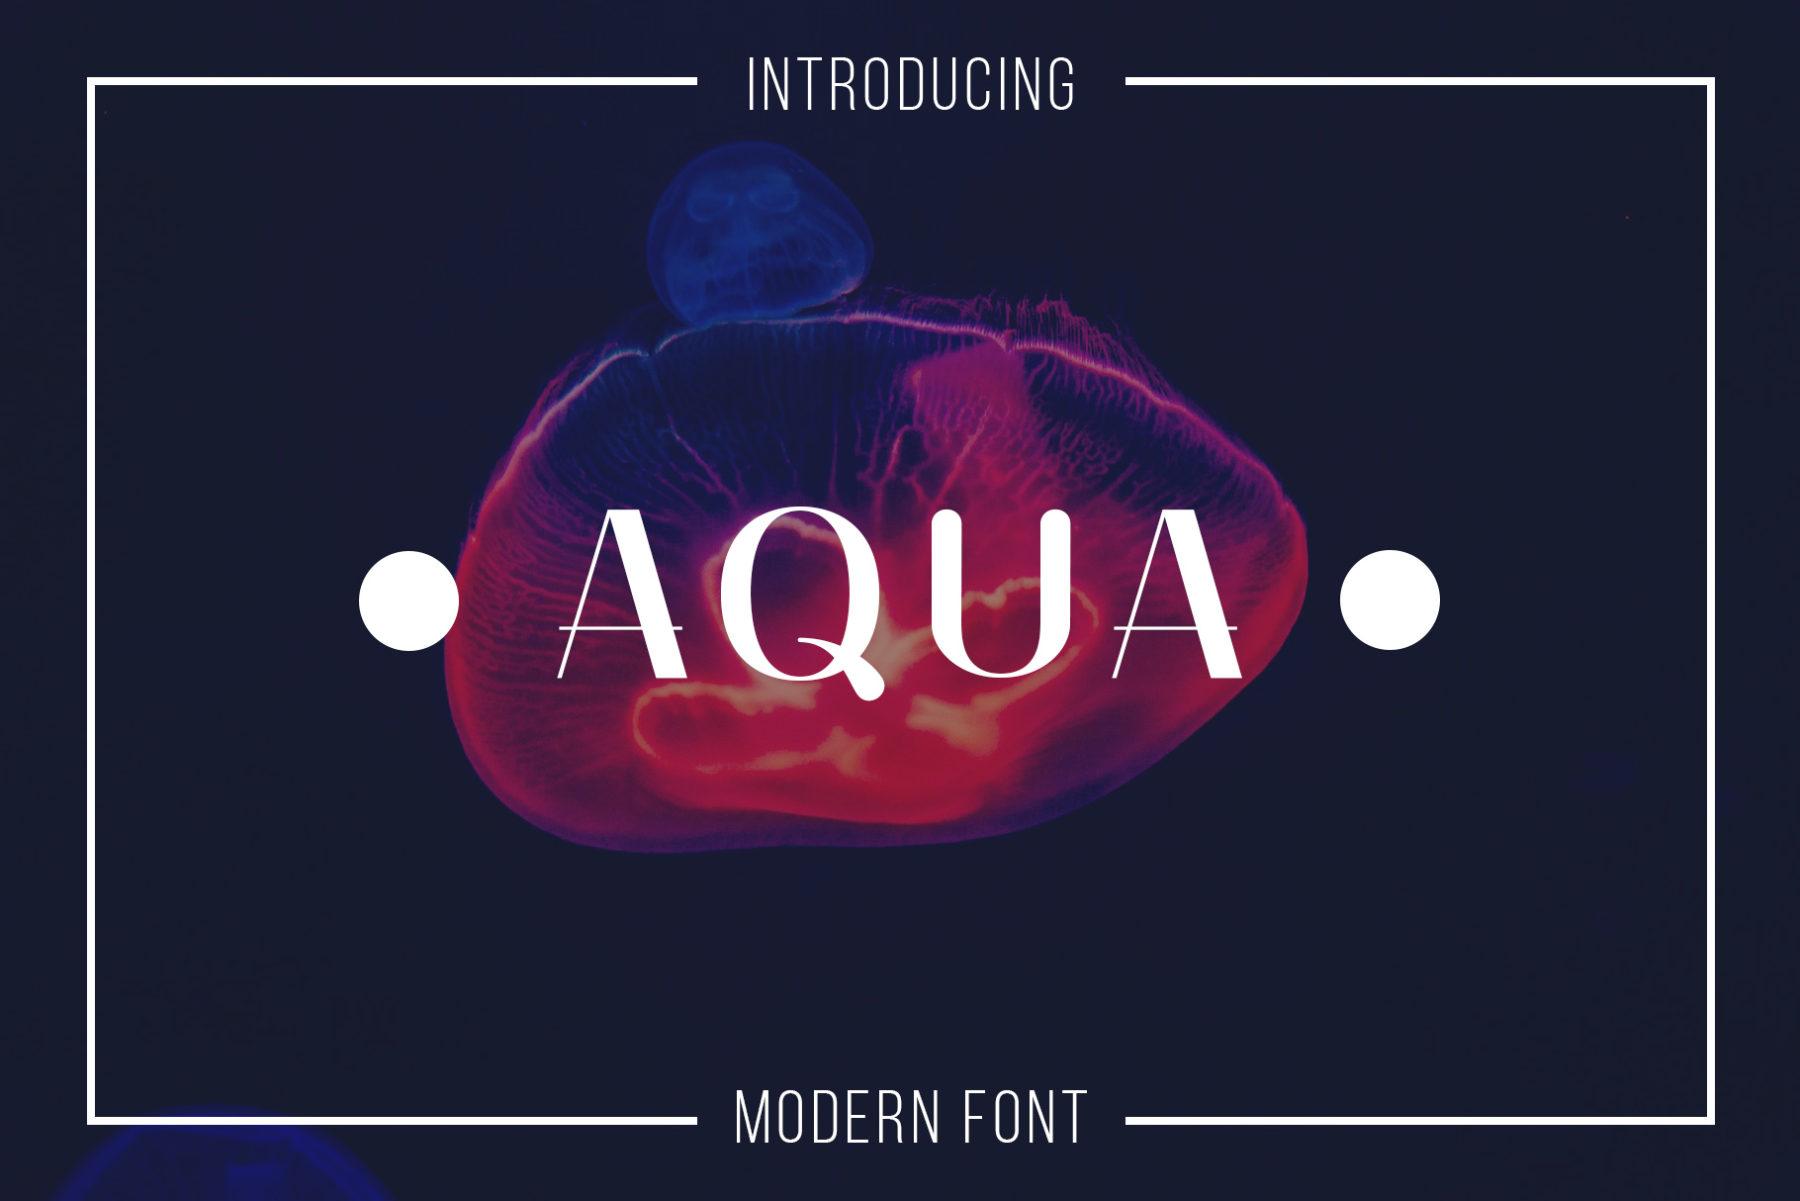 Aqua Modern Font - Serif Font